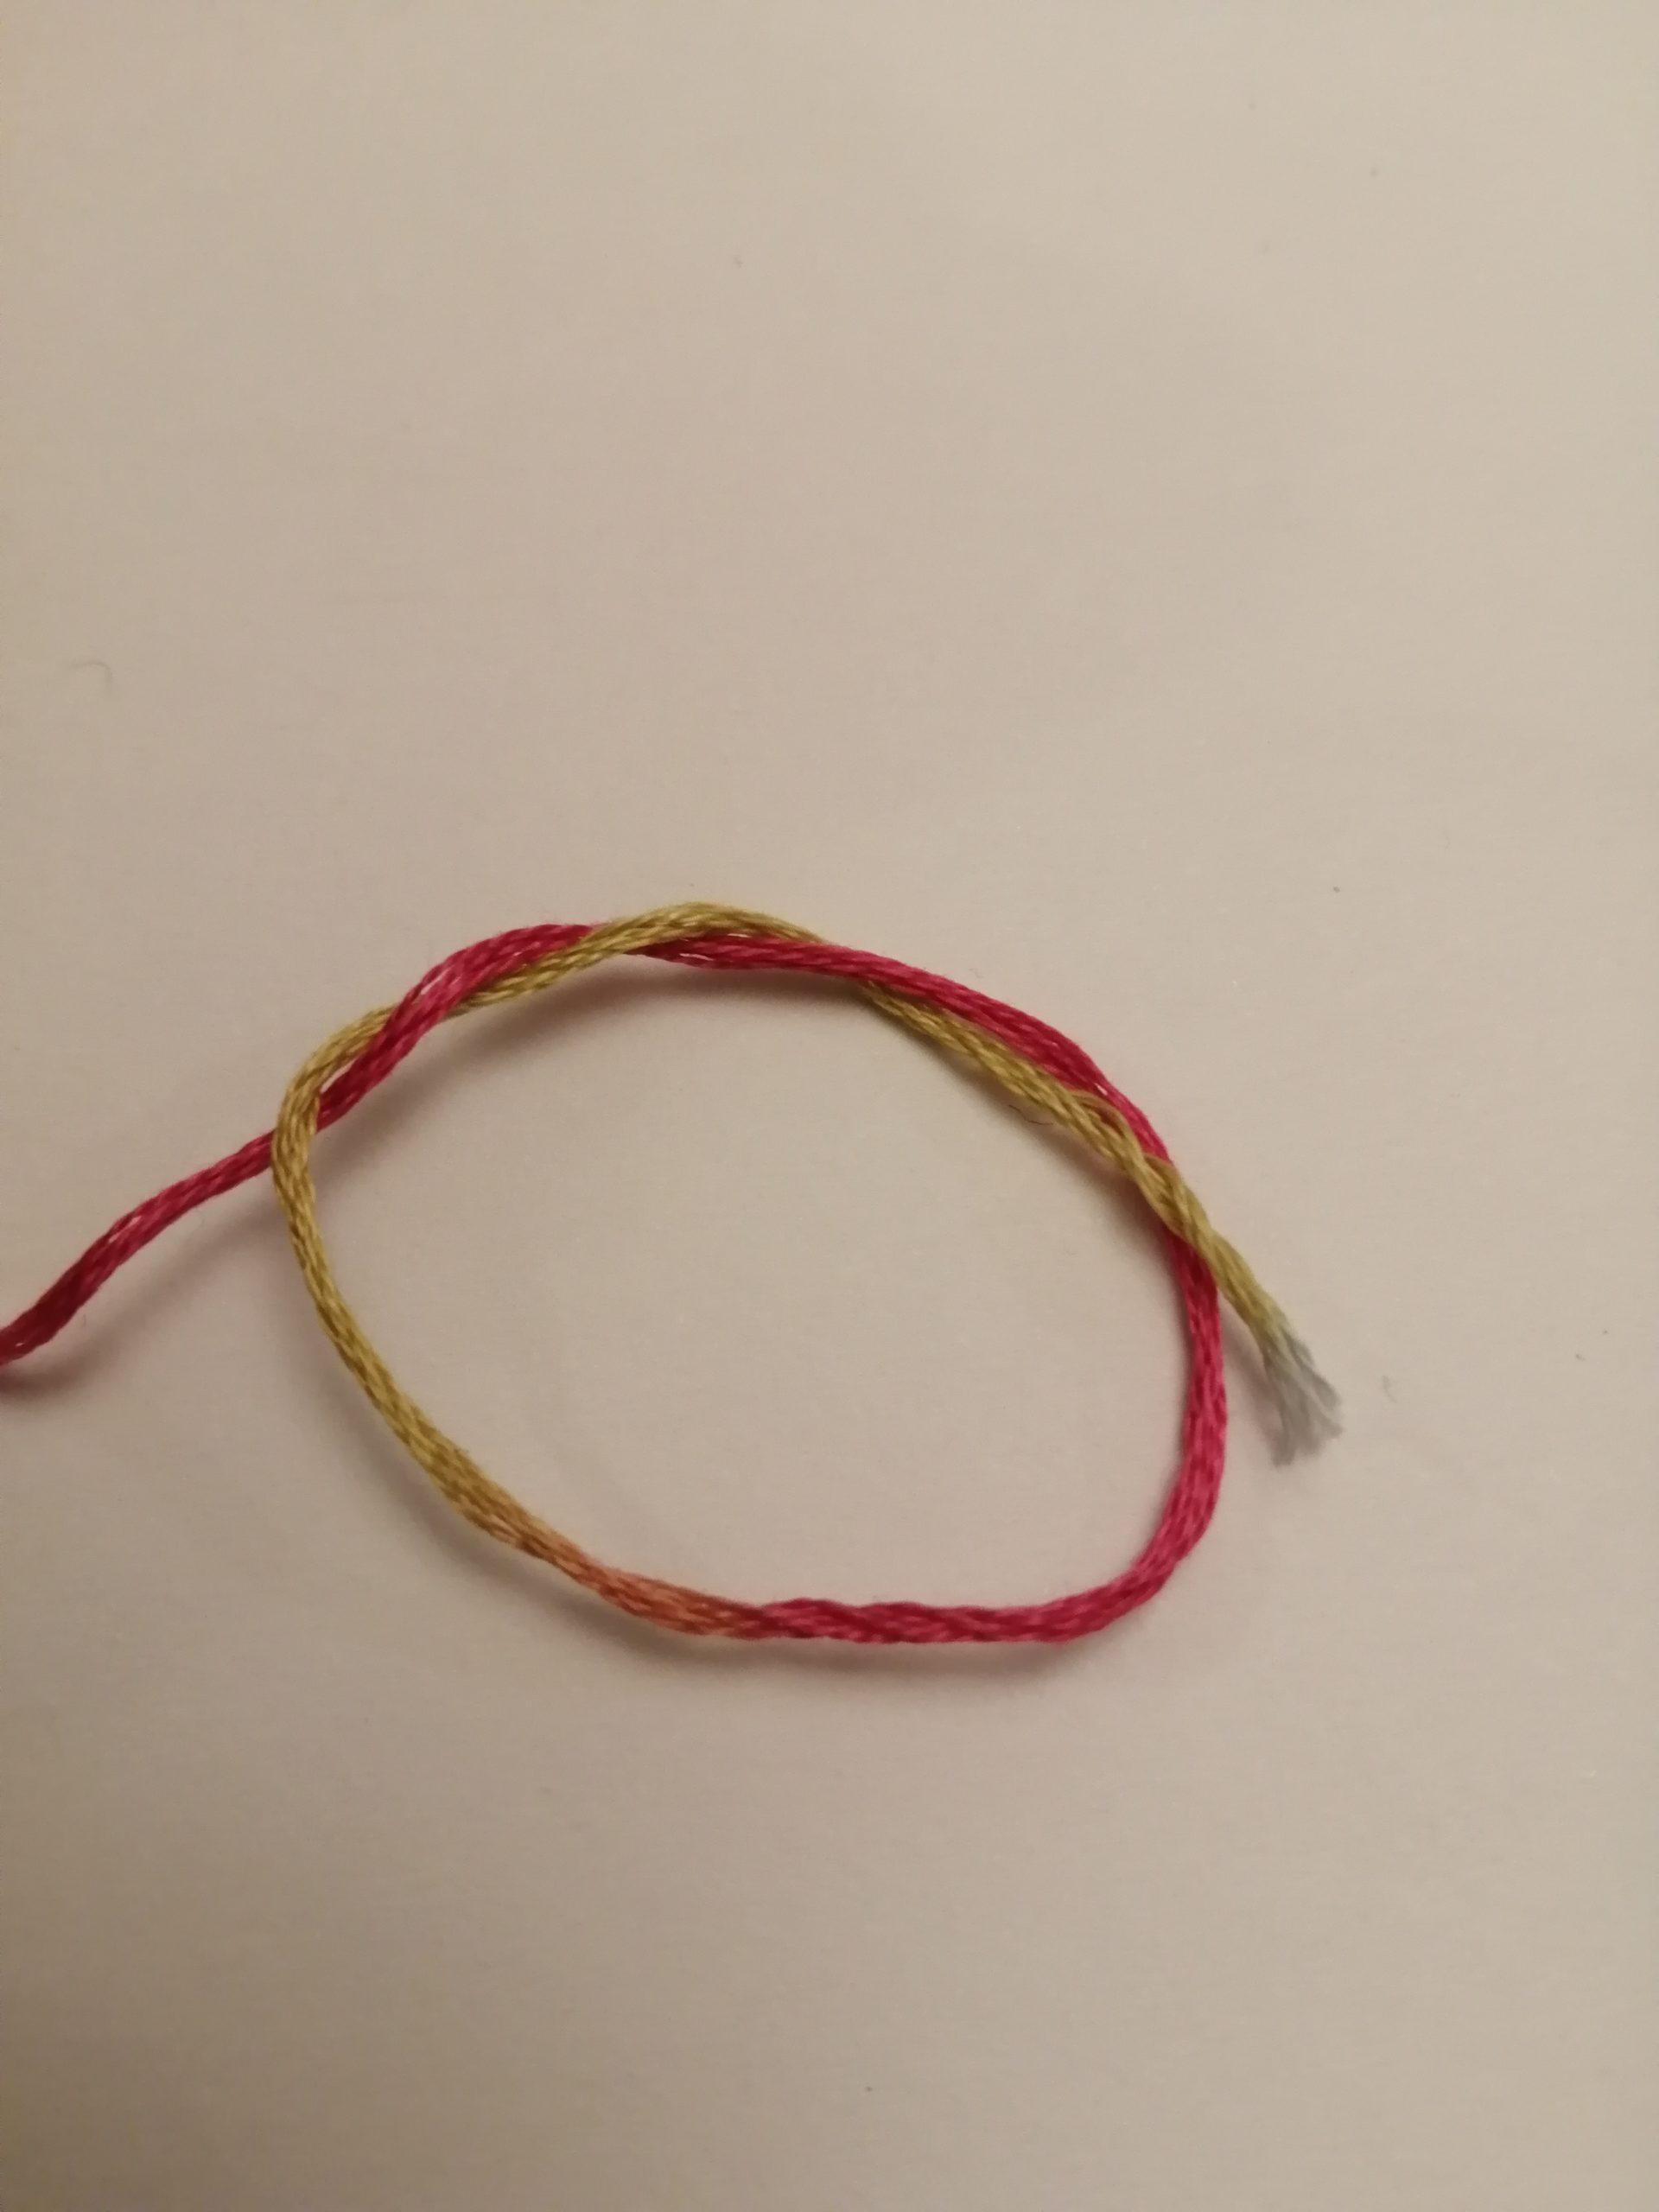 Plusieurs noeuds se forment sur le fil